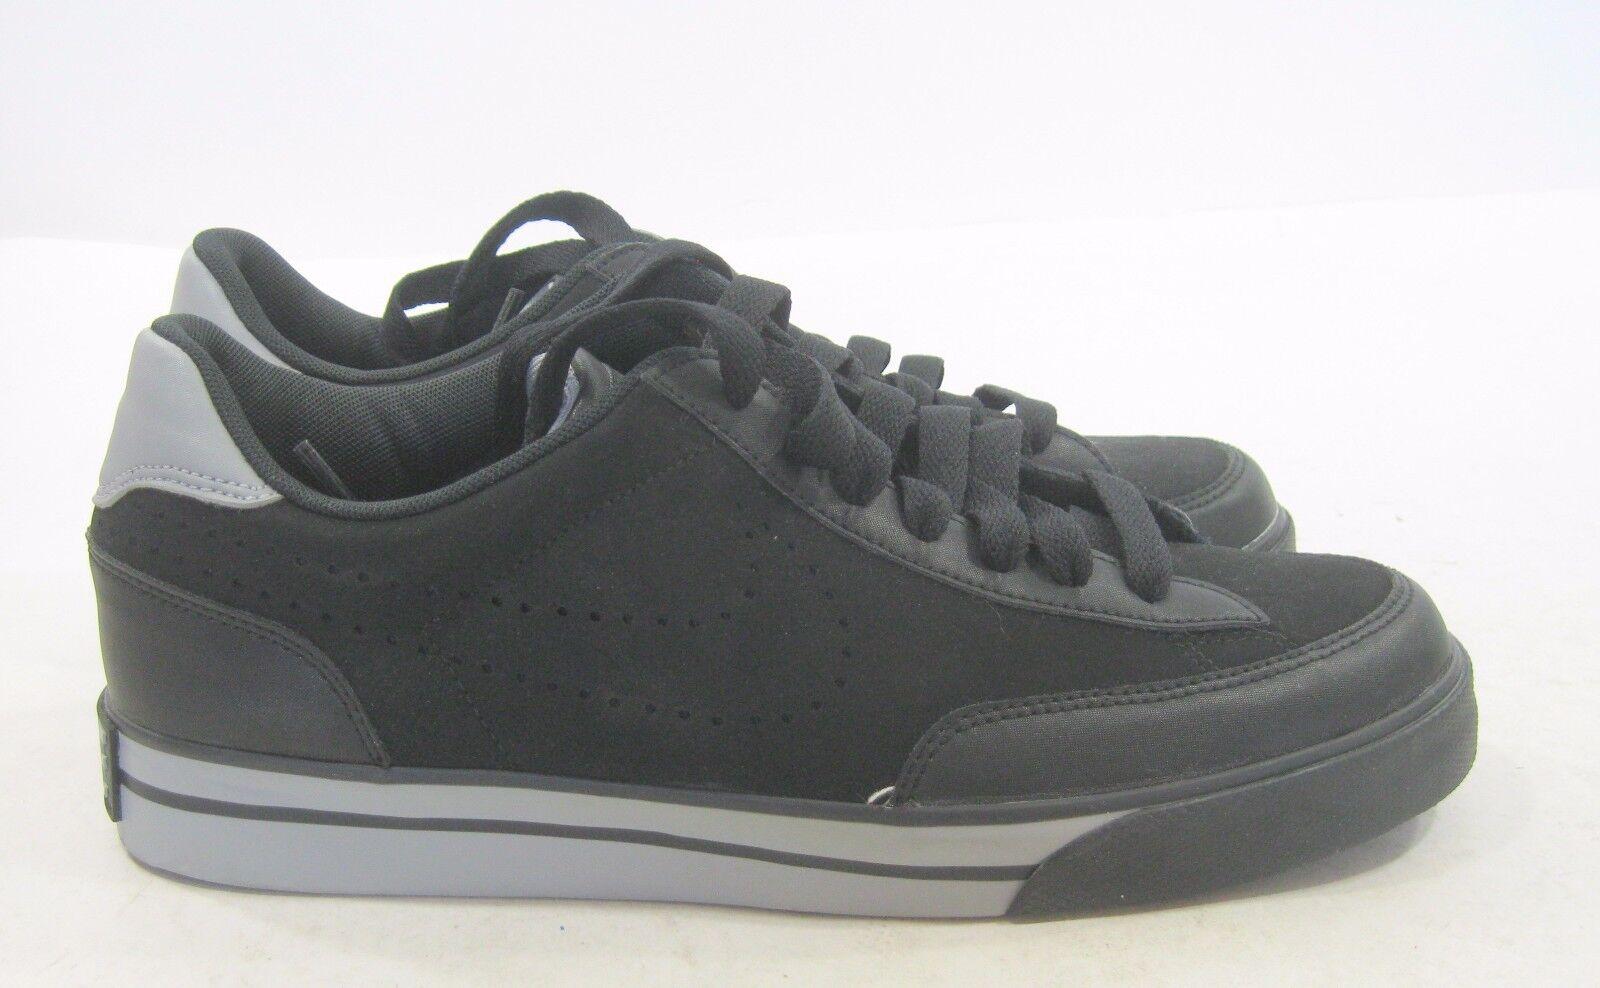 Nike Navaro Low 386587-005 Nero/Nero-Matte Silver Size 8.5